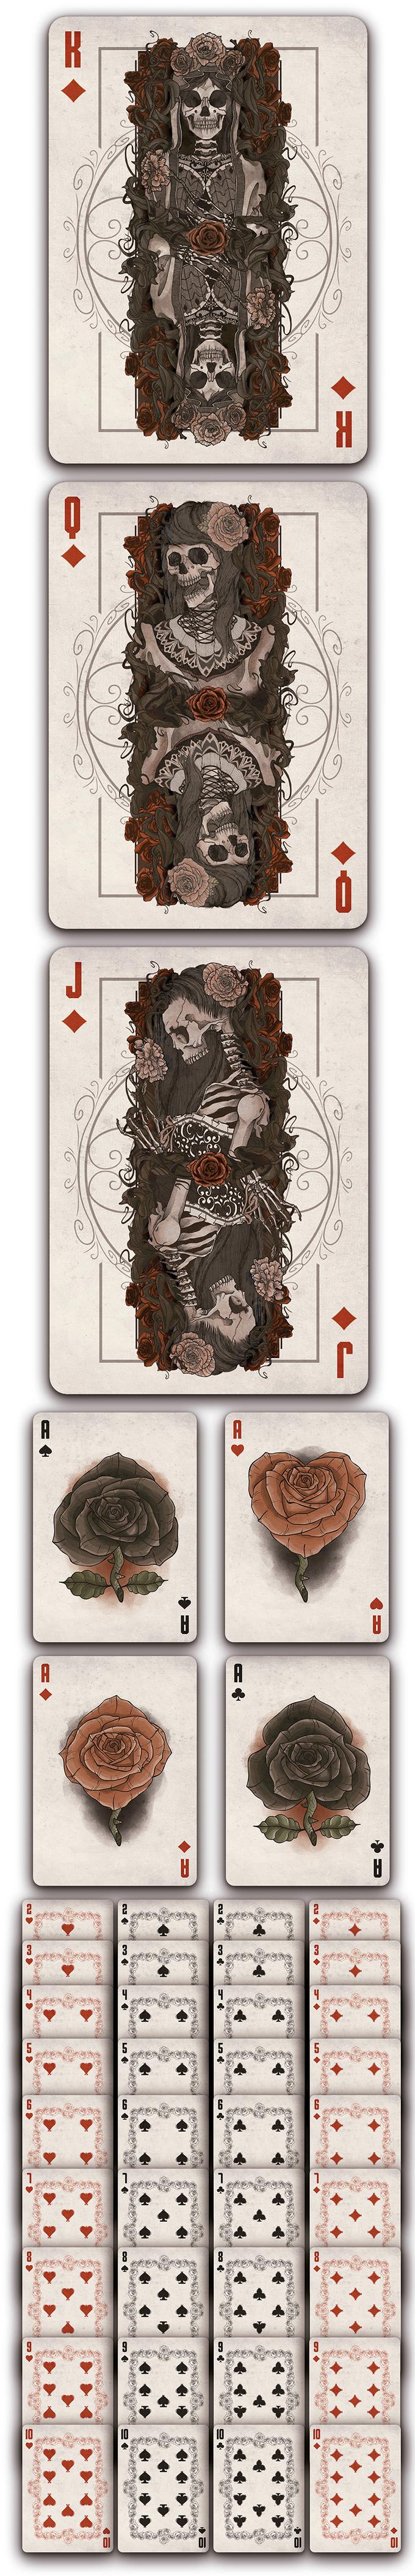 lacatrinadead_cards